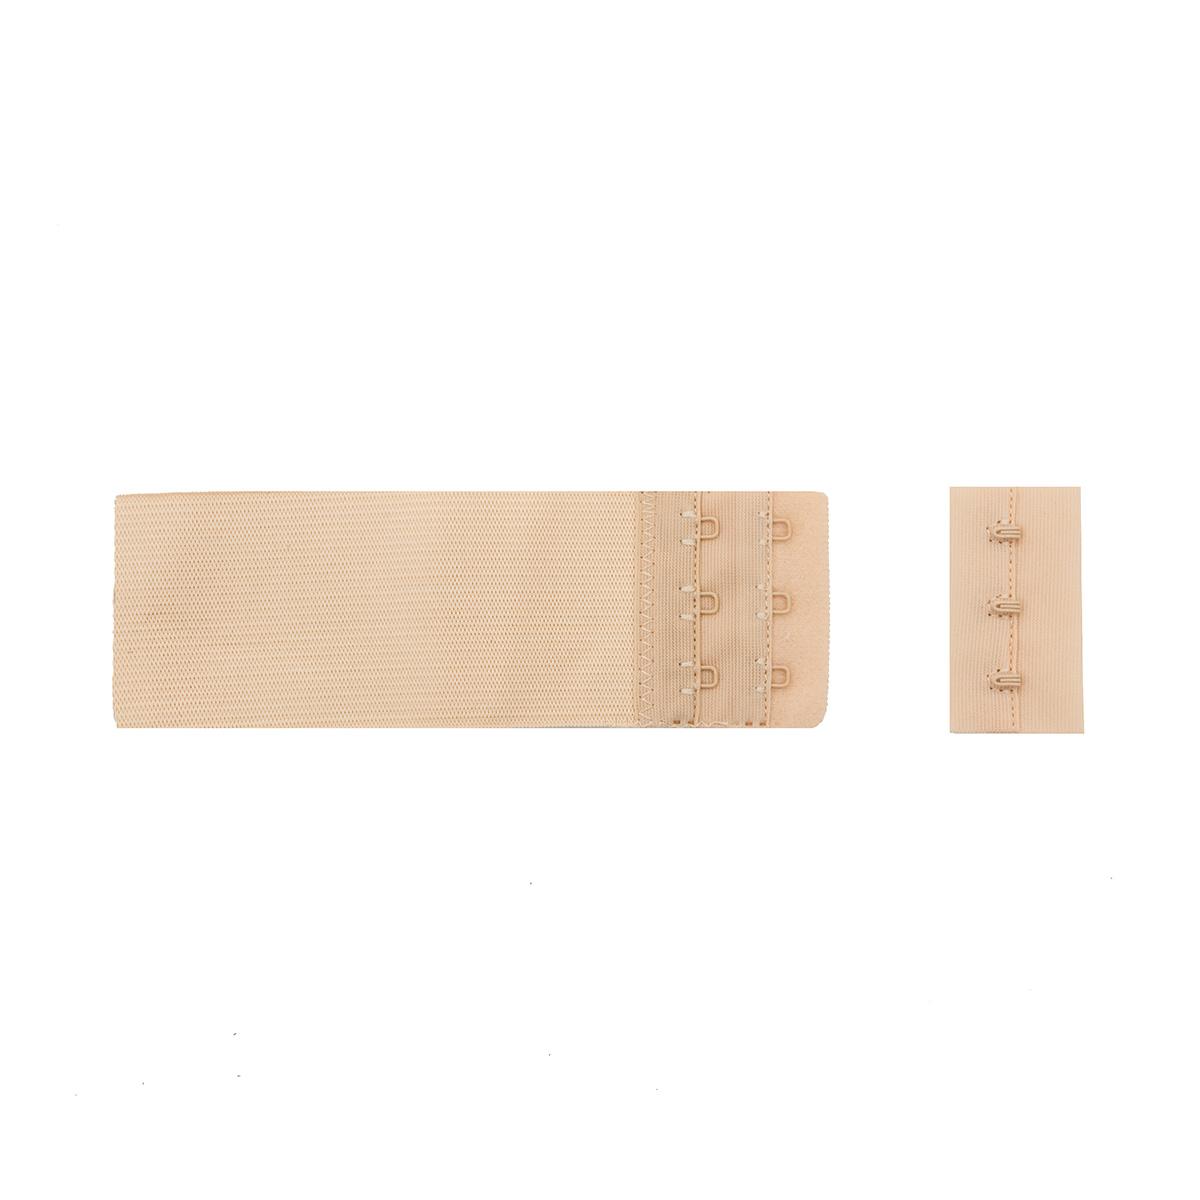 853103 Застежка для бюстгальтера, телесный, 50 мм, 3 крючка, Hobby&Pro